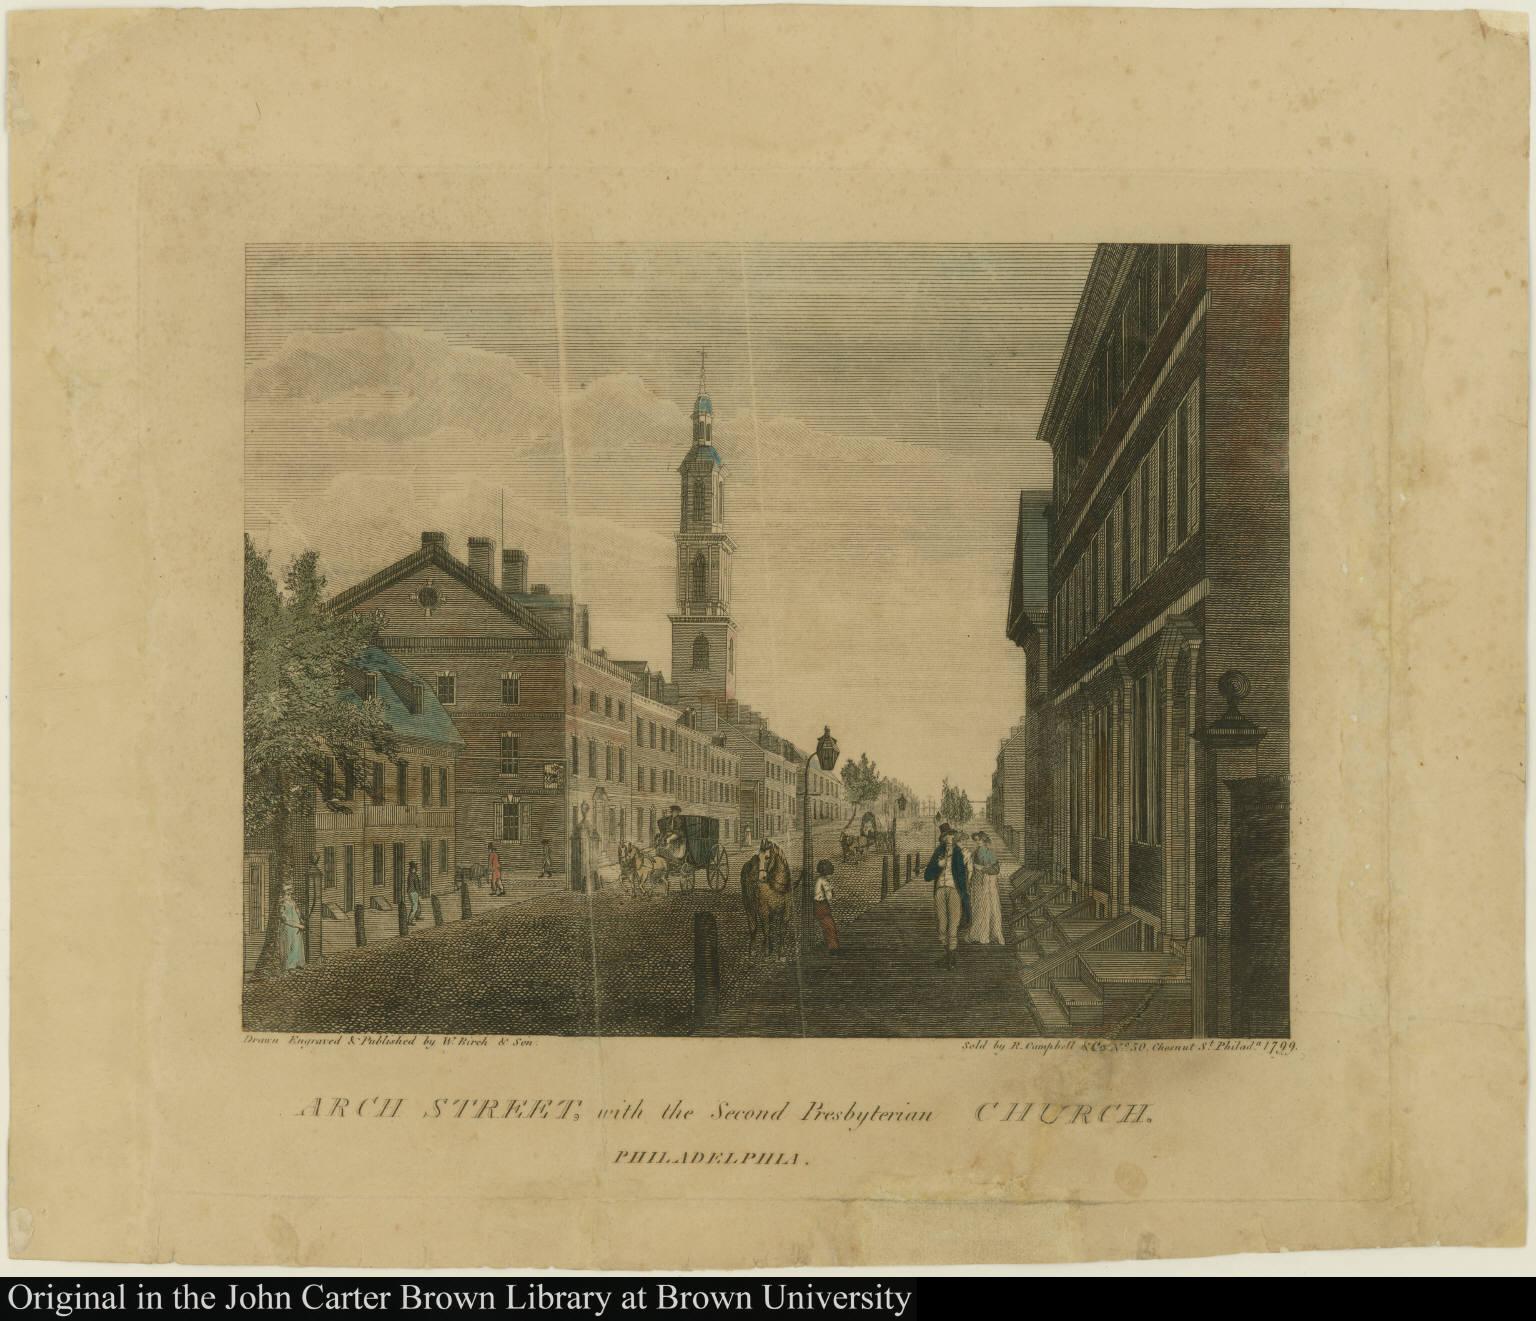 Arch Street, with the Second Presbyterian Church. Philadelphia